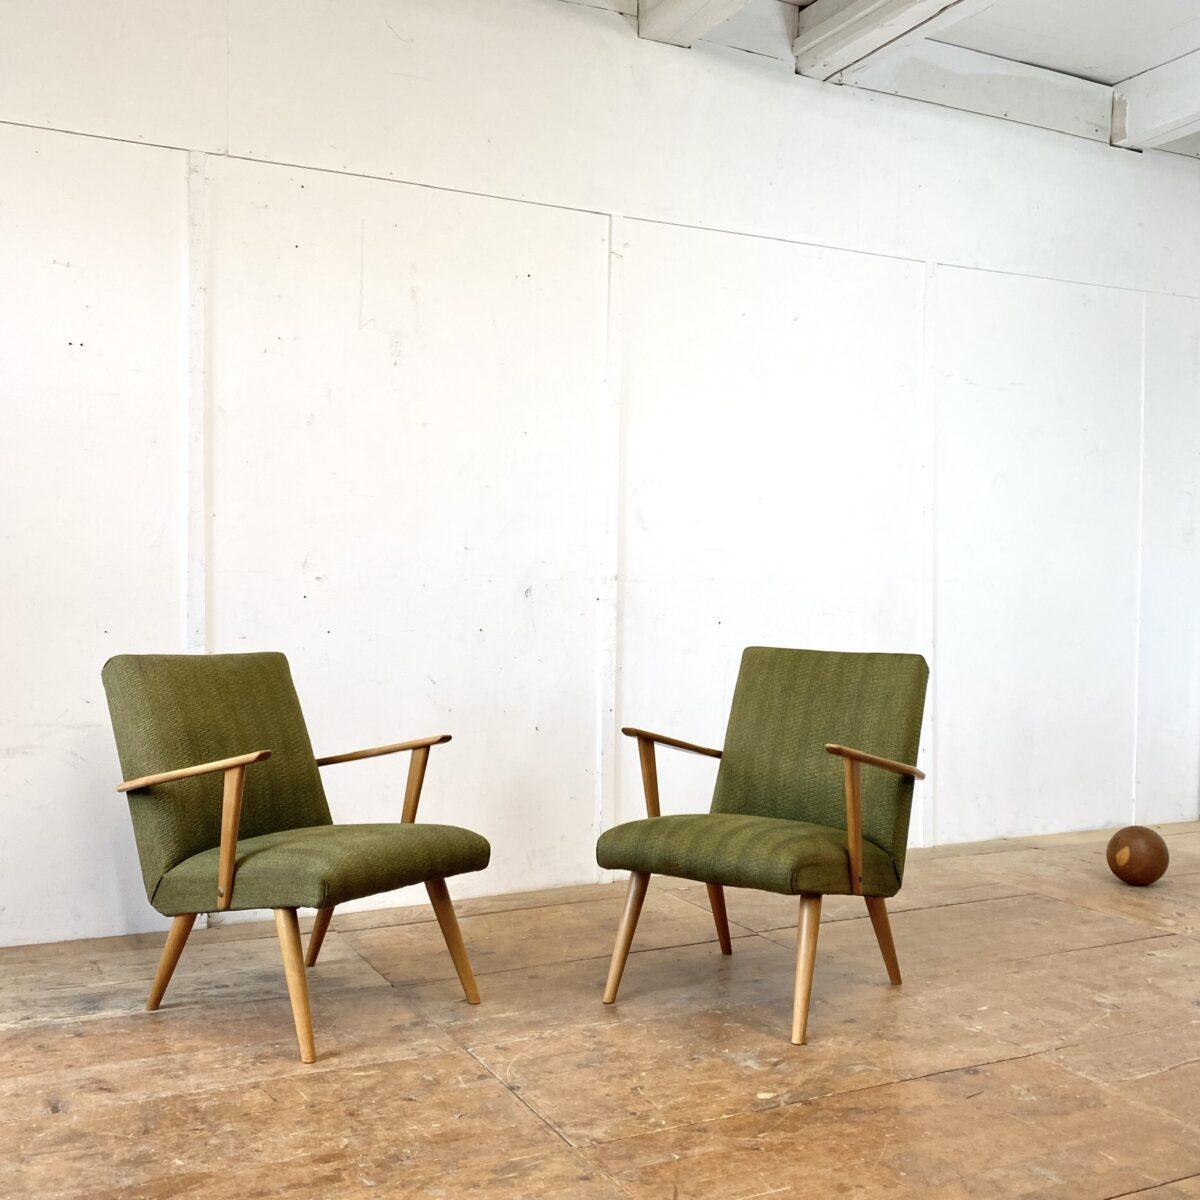 Deuxieme.shop midcentury easy chairs. Zwei Cocktail Sessel aus den 50er/60er Jahren. 62cm breit 75cm tief Sitzhöhe ca. 36cm. Der grüne Polsterstoff ist in gutem Zustand. Die Konischen Rundbeine und Armlehnen sind aus Buchenholz. Preis fürs Set.